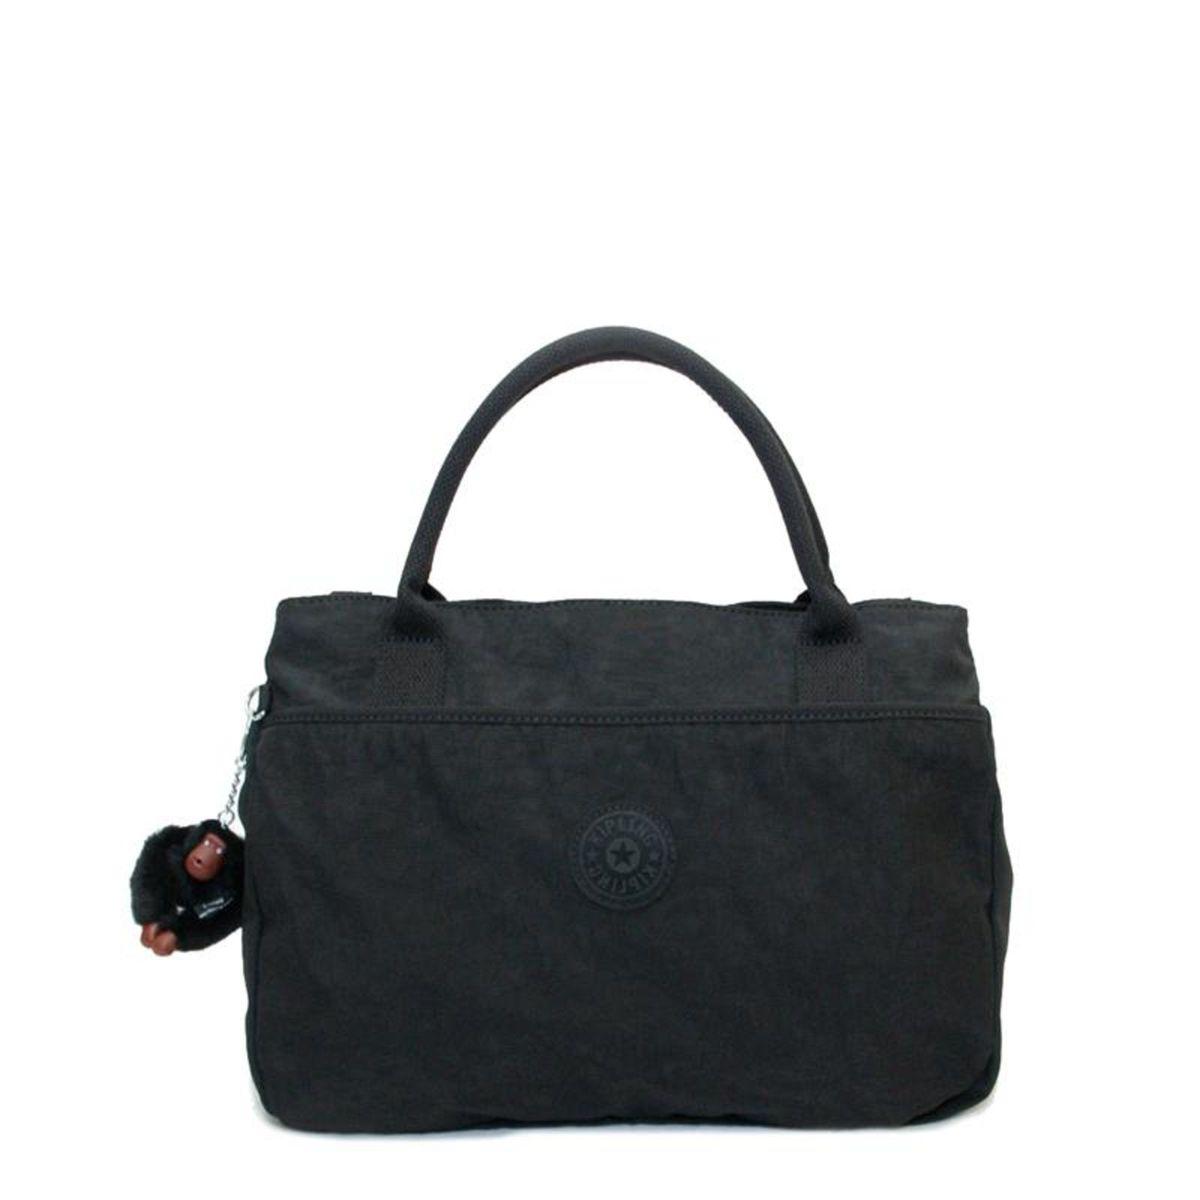 44fadf98e Bolsa Kipling Caralisa Preta Original   Bolsa de mão Feminina Kipling Nunca  Usado 14806865   enjoei